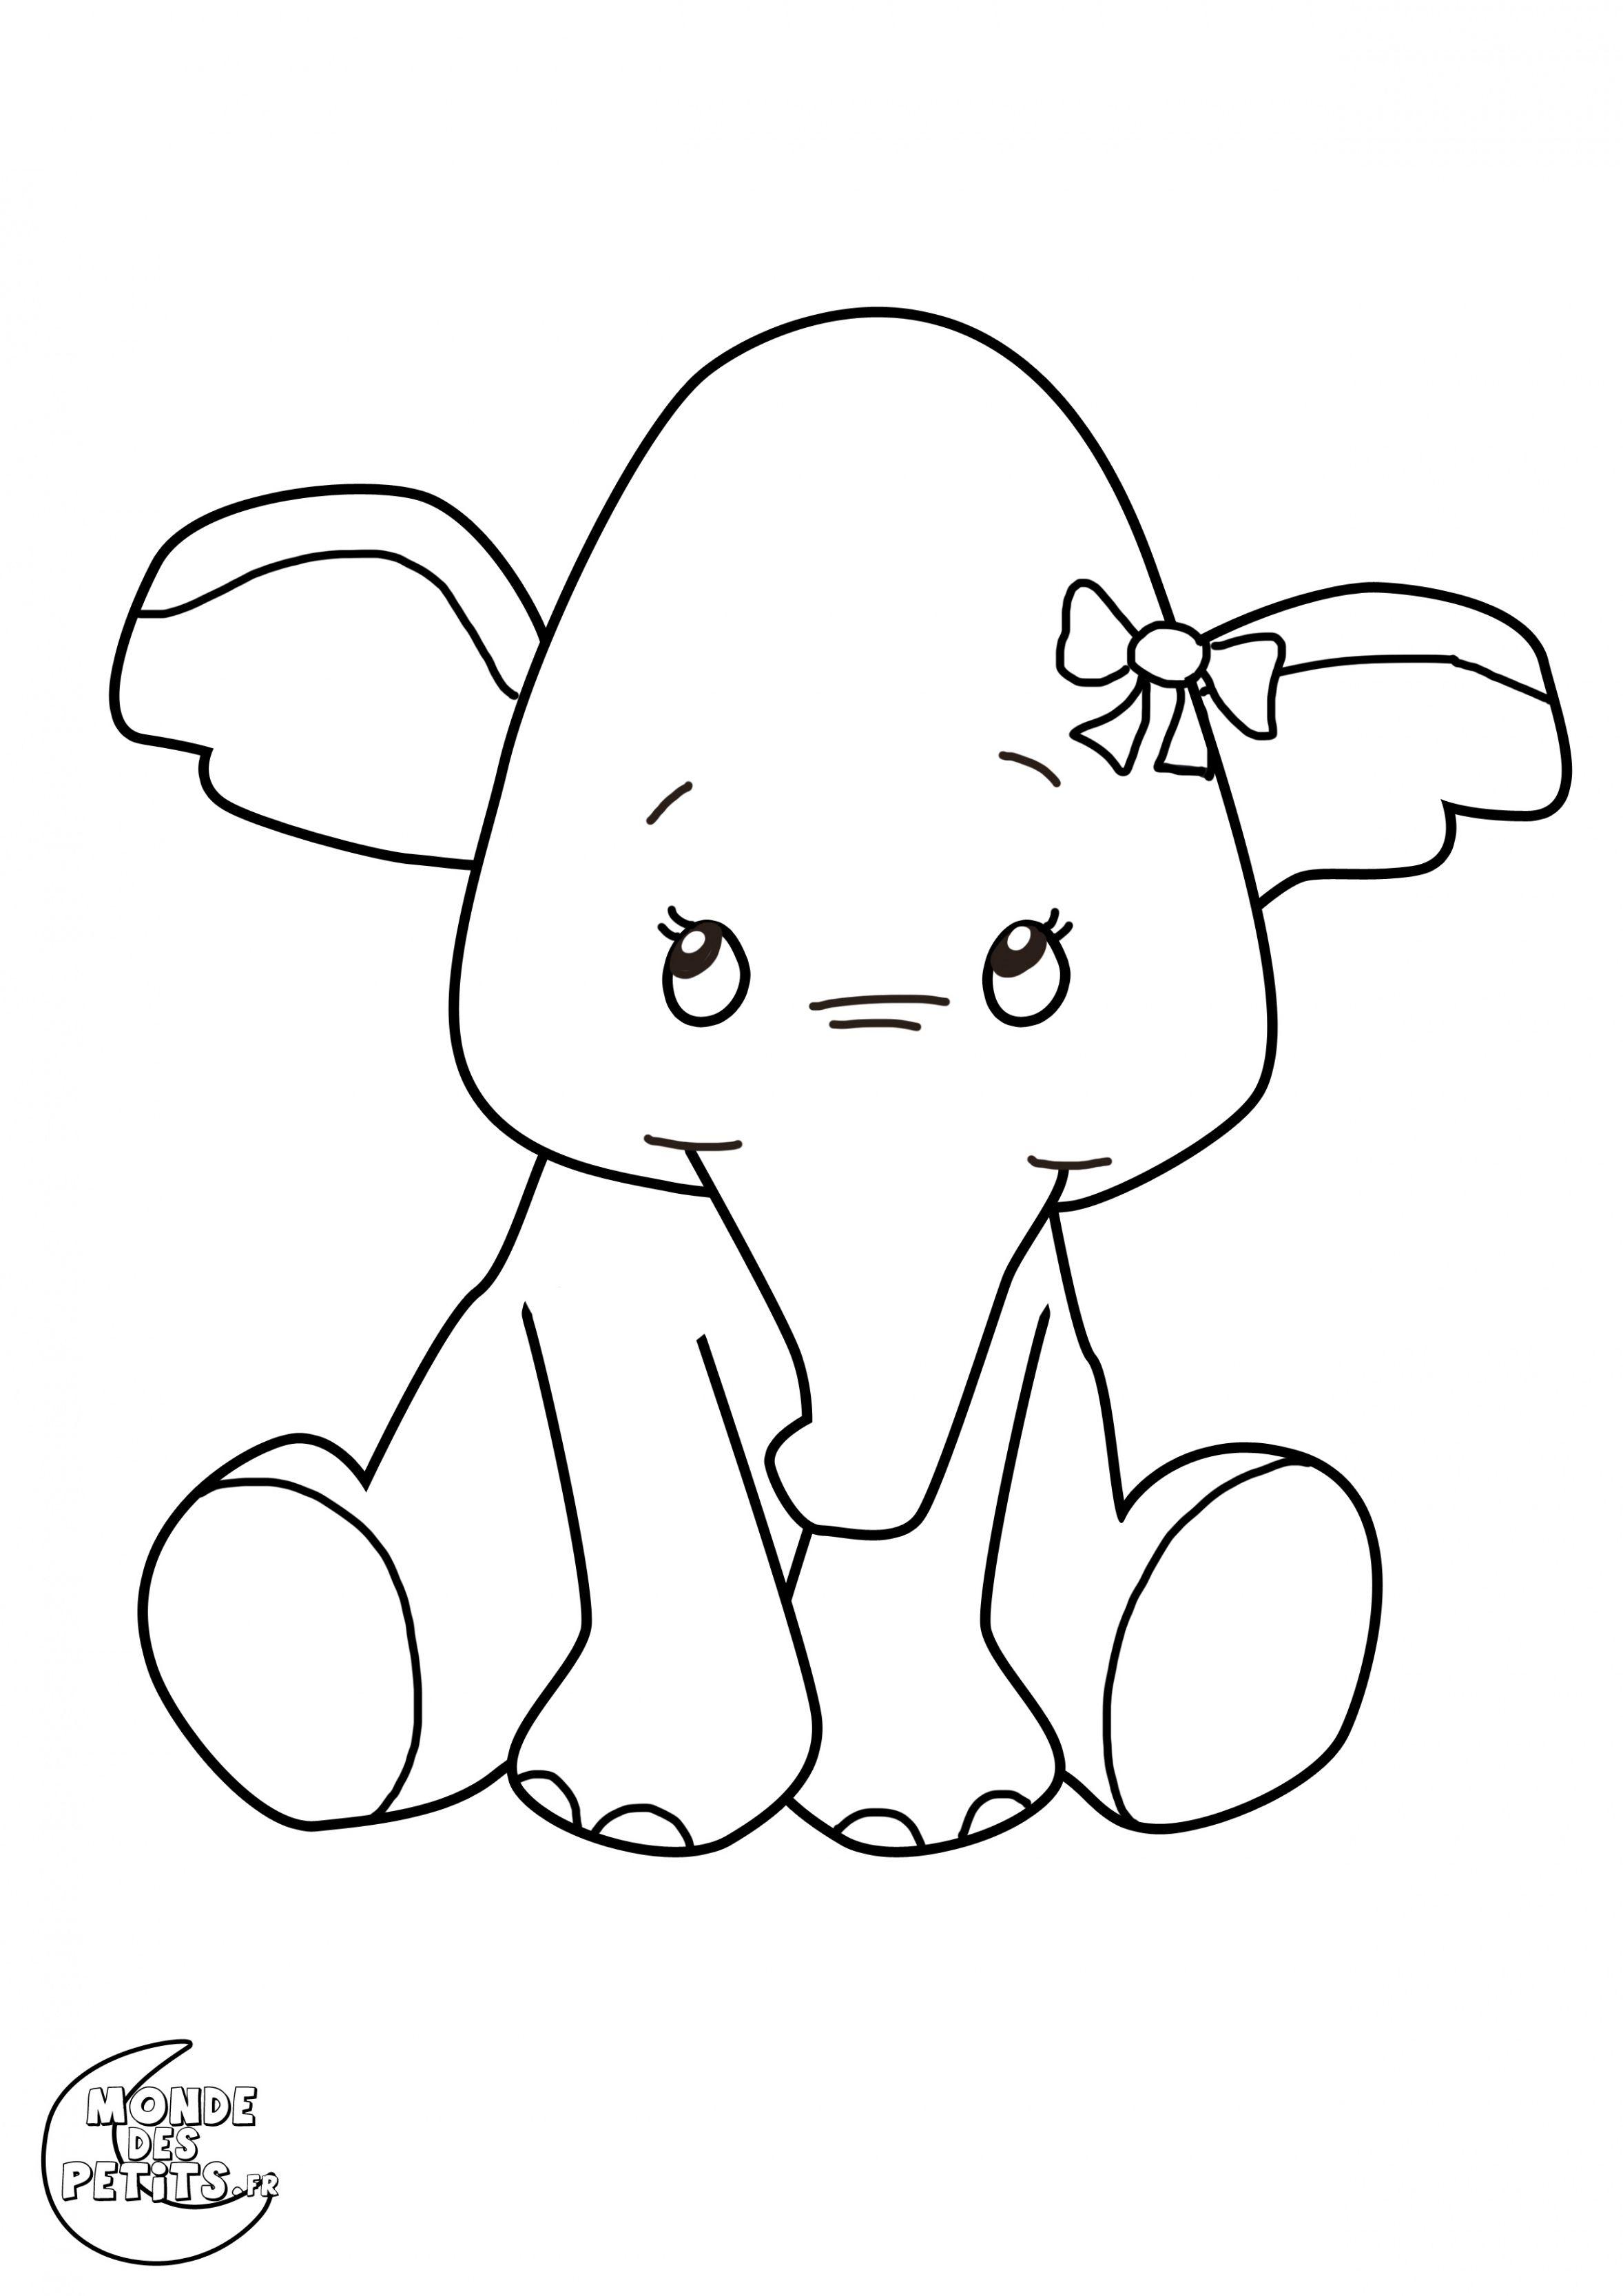 Coloriage Bebe Animau.Coloriage Bebe Animaux Gratuit A Imprimer Chevaux Site